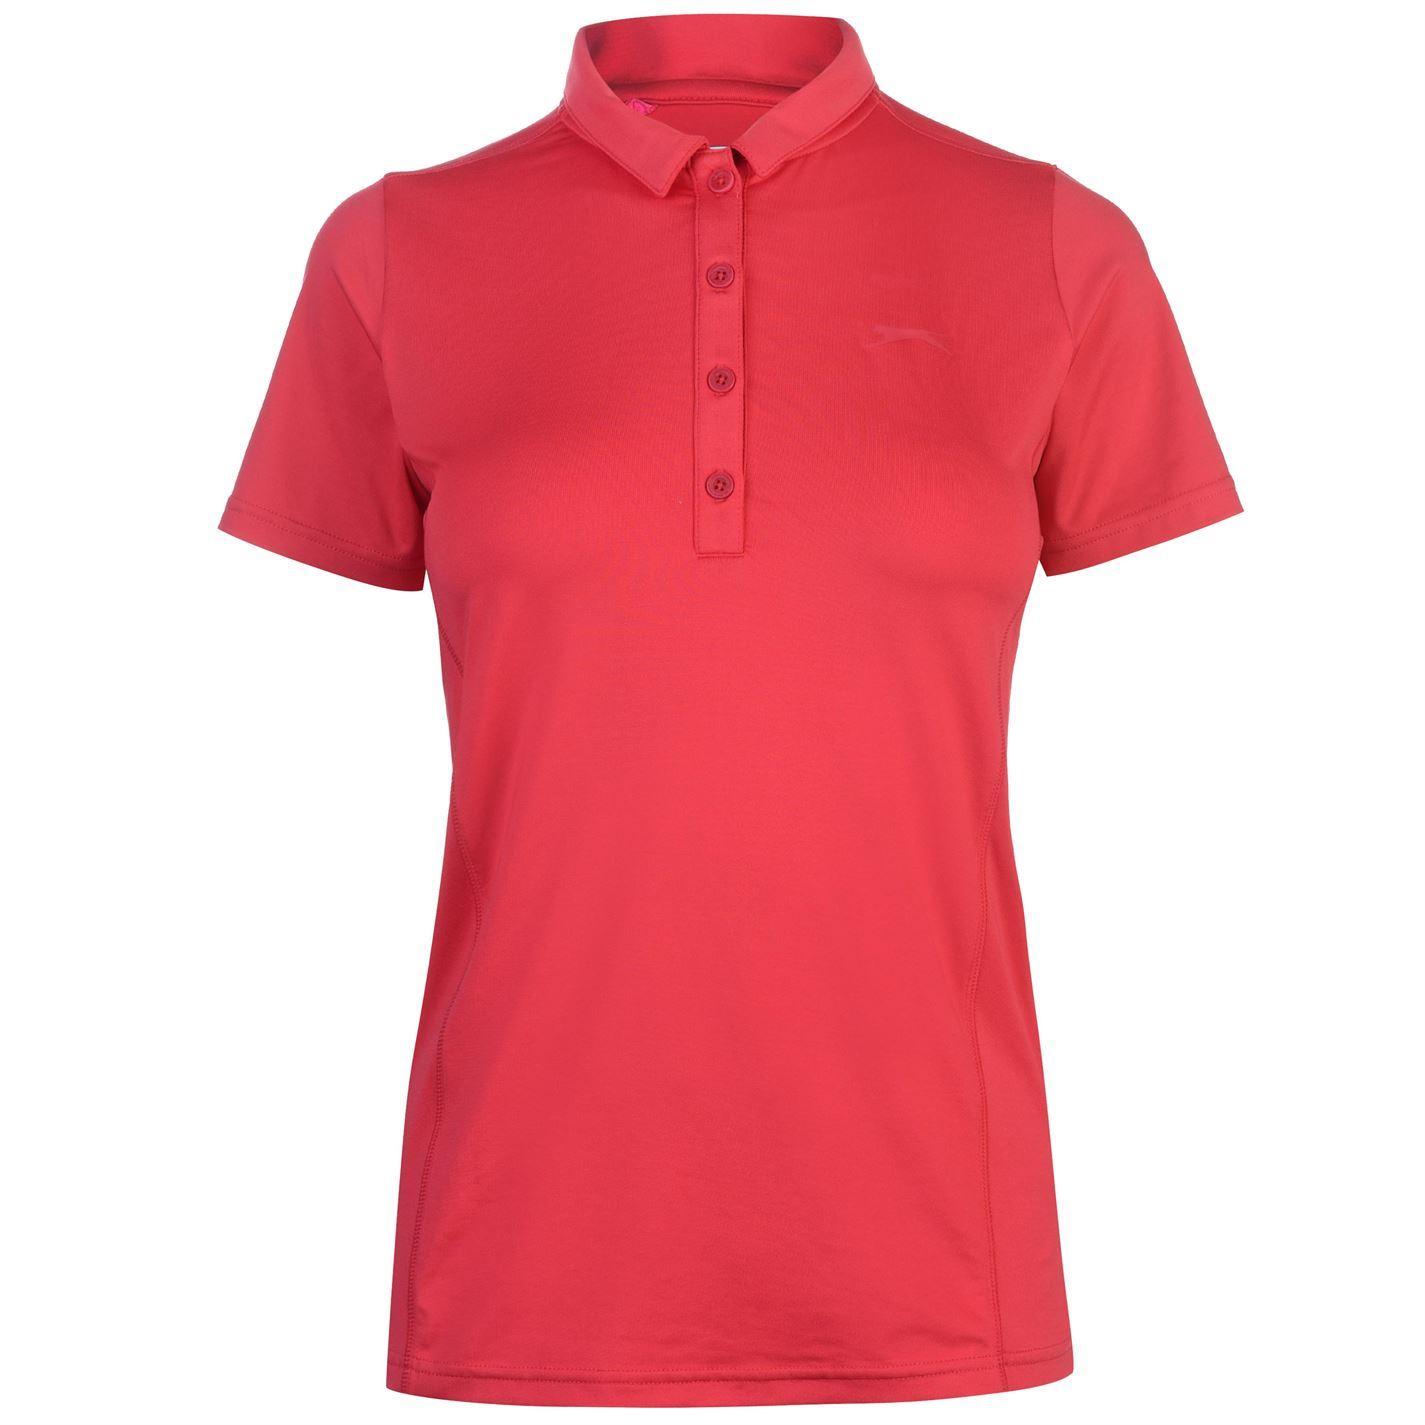 Slazenger-Plain-Golf-Polo-Shirt-Womens-T-Shirt-Top-Tee-Activewear miniature 10